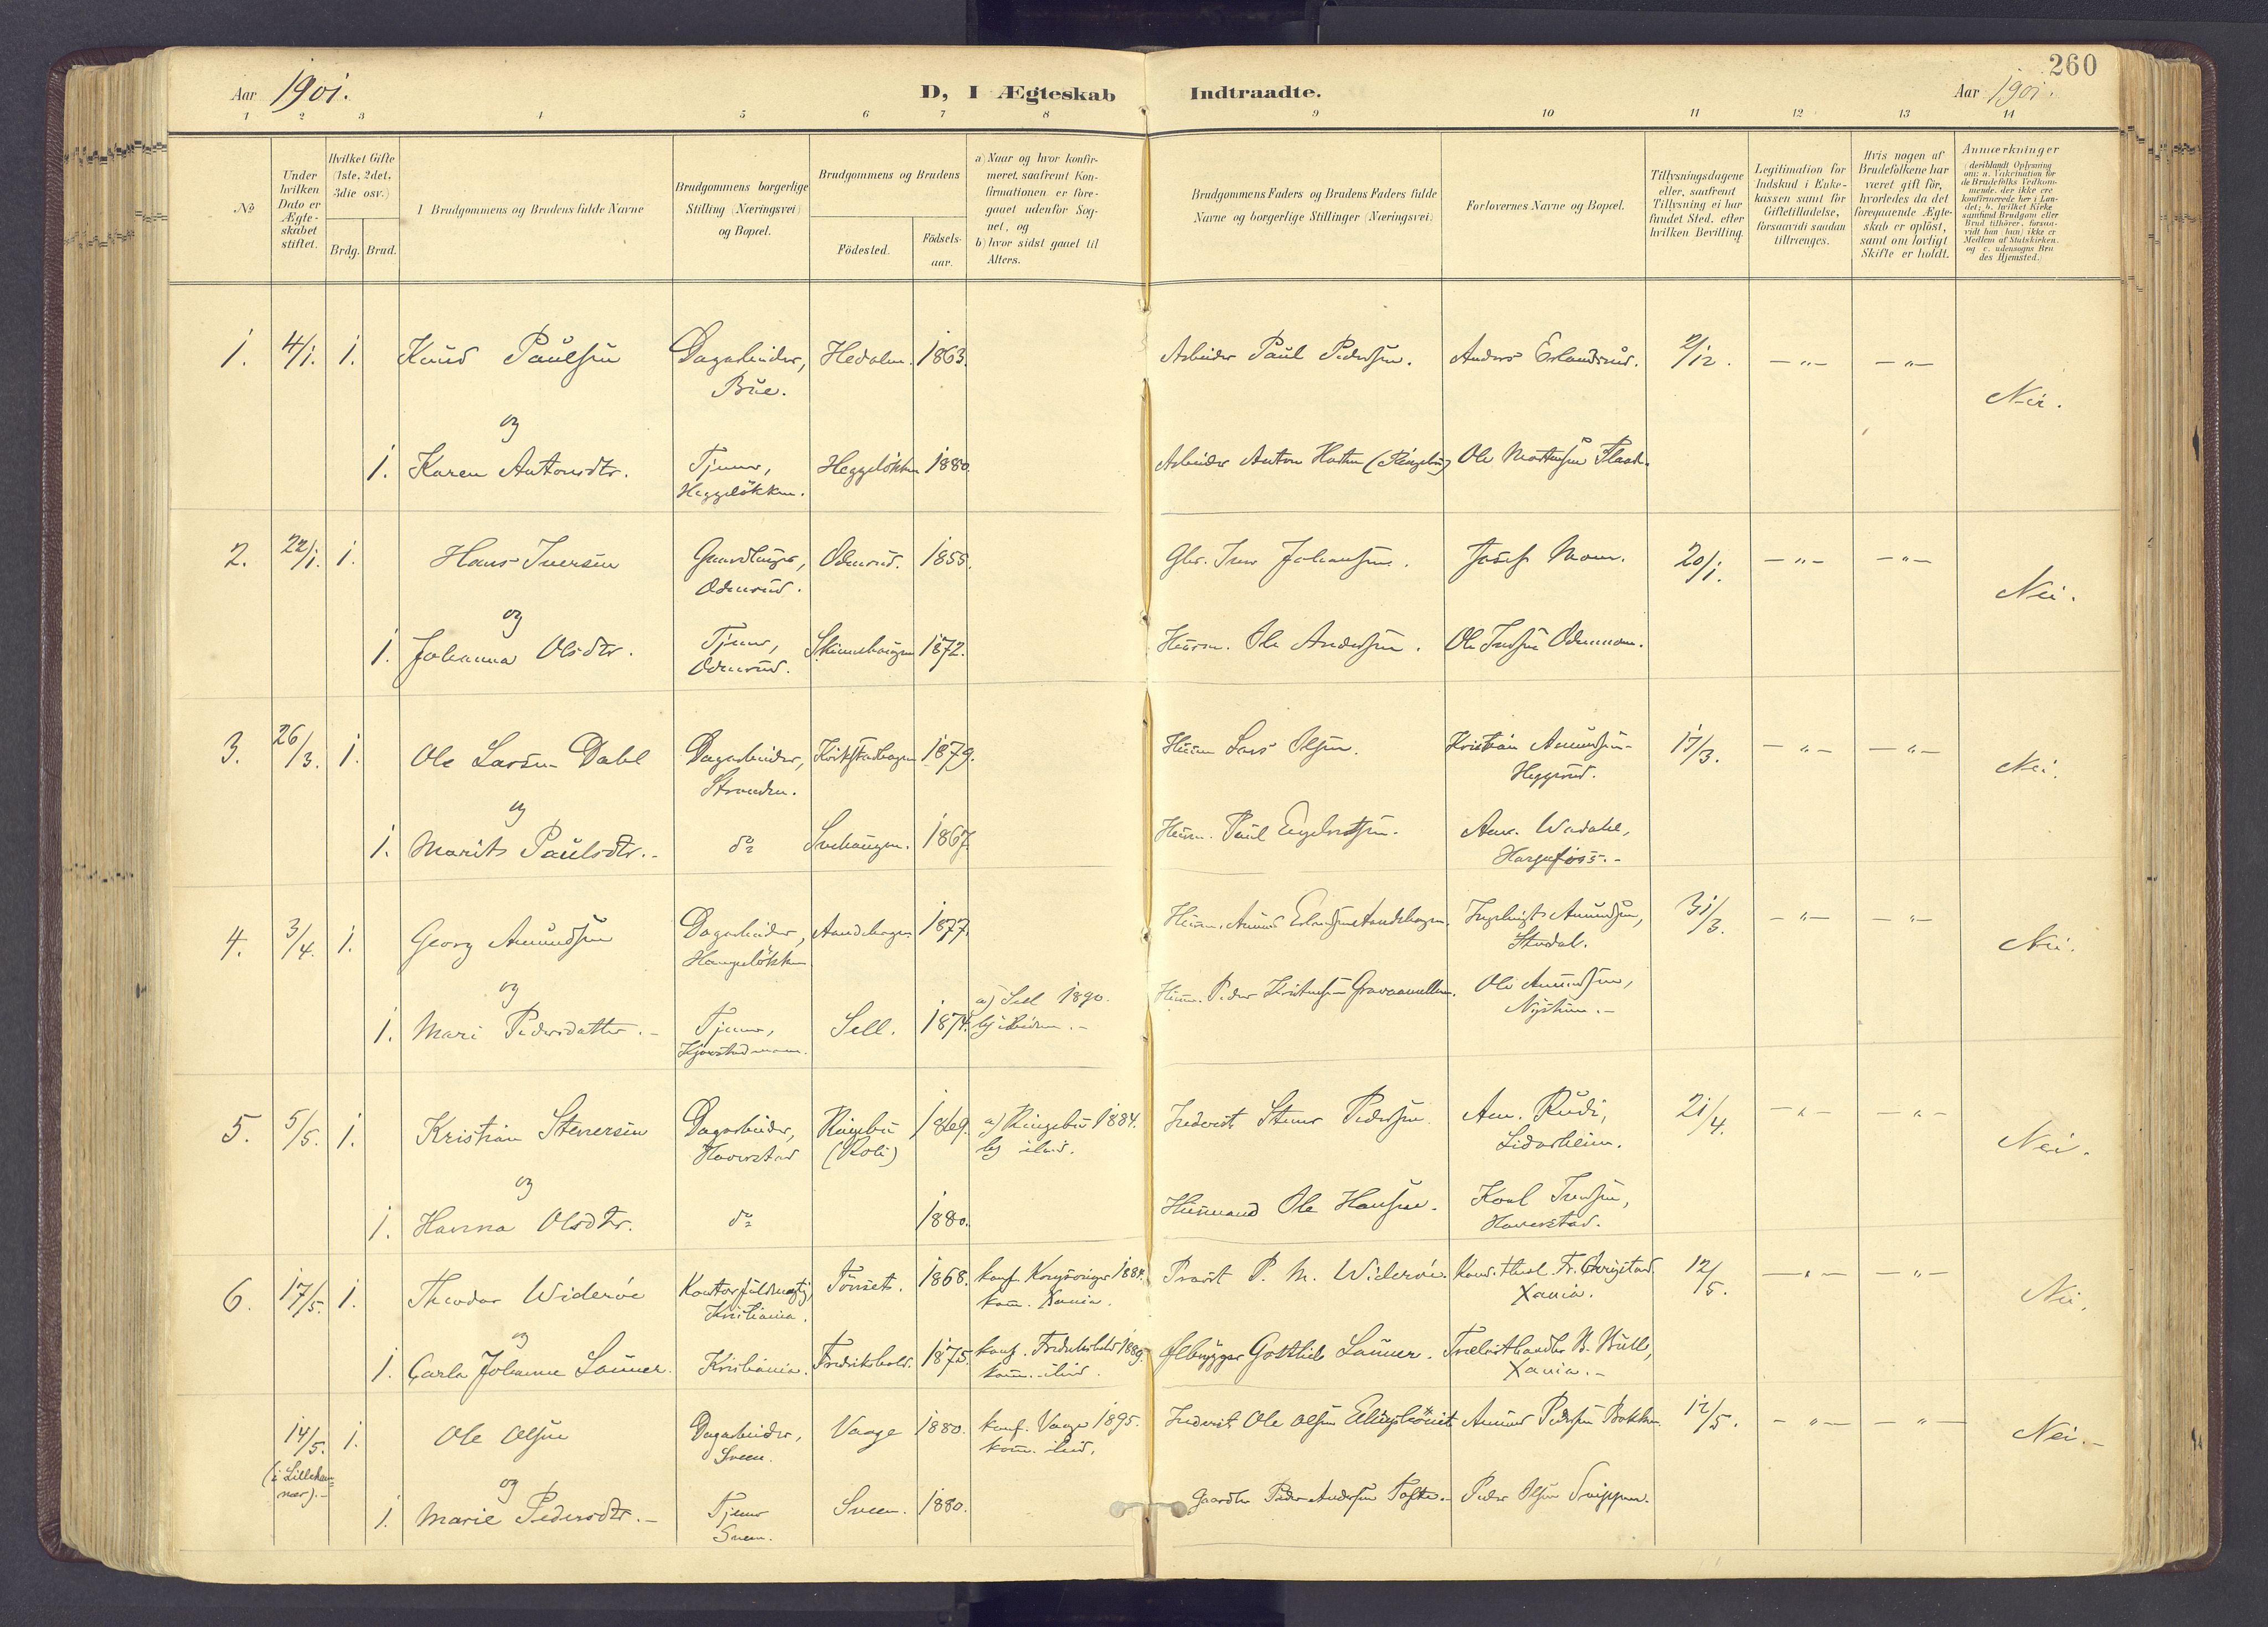 SAH, Sør-Fron prestekontor, H/Ha/Haa/L0004: Ministerialbok nr. 4, 1898-1919, s. 260